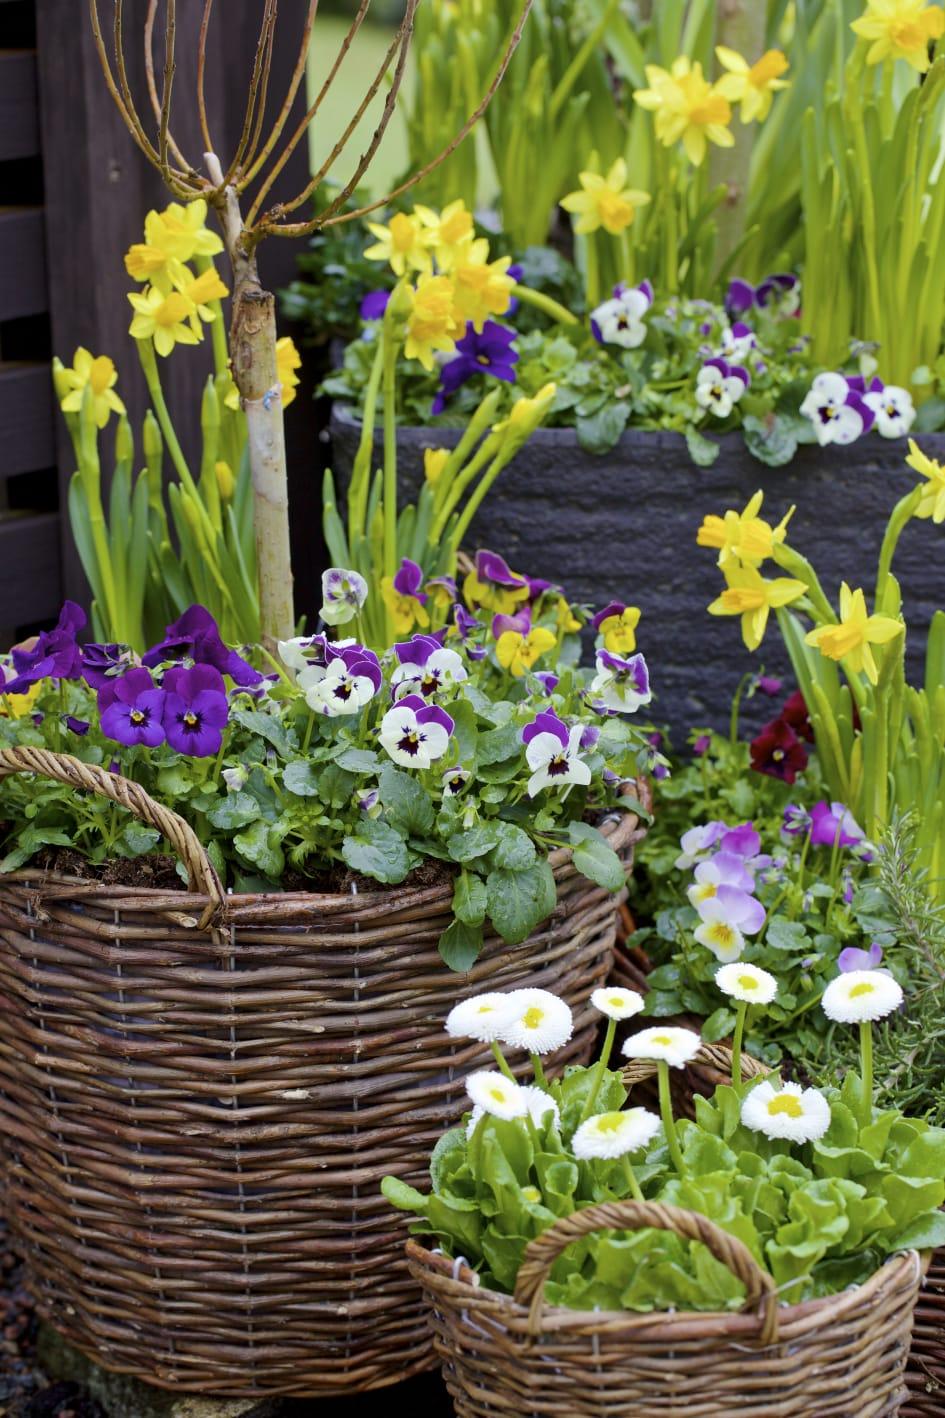 blomsterlandet uppsala öppettider